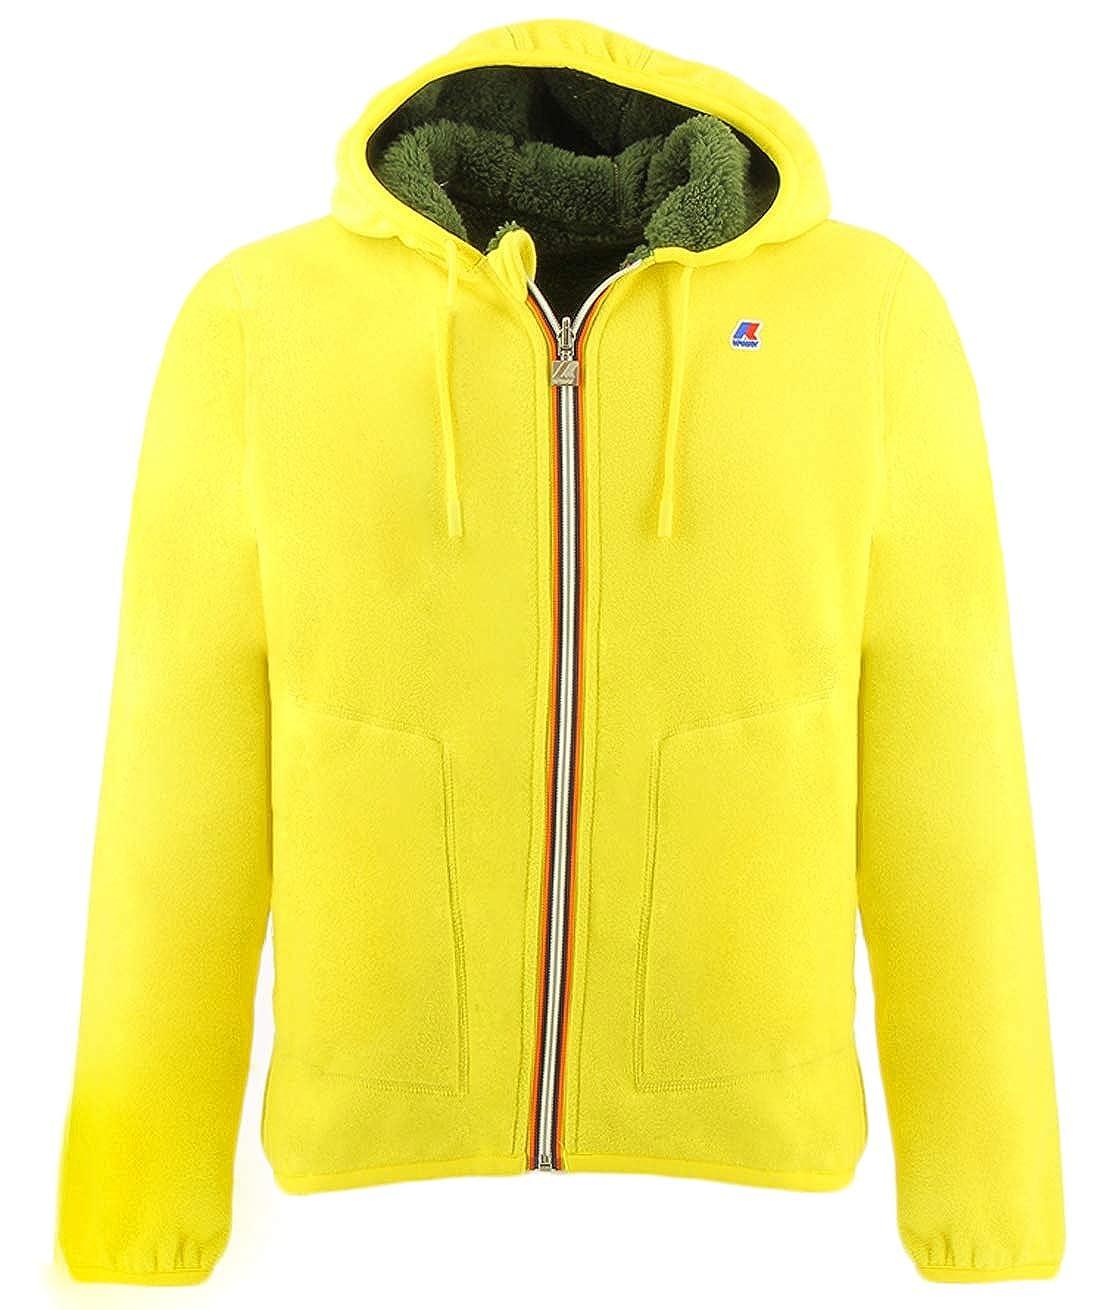 Kway Reversible Yellow Fleece